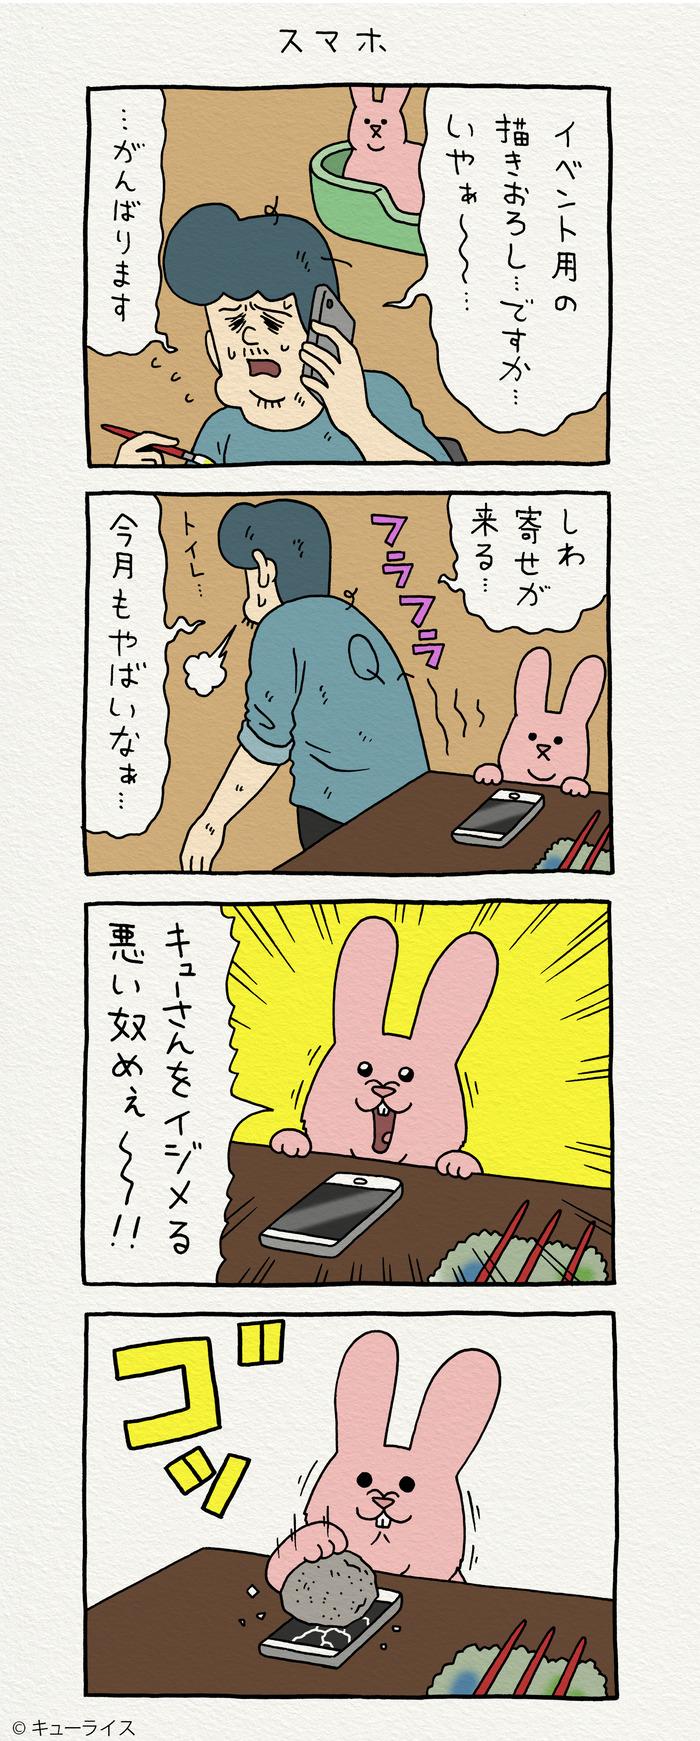 スキウサギ スマホ のコピー